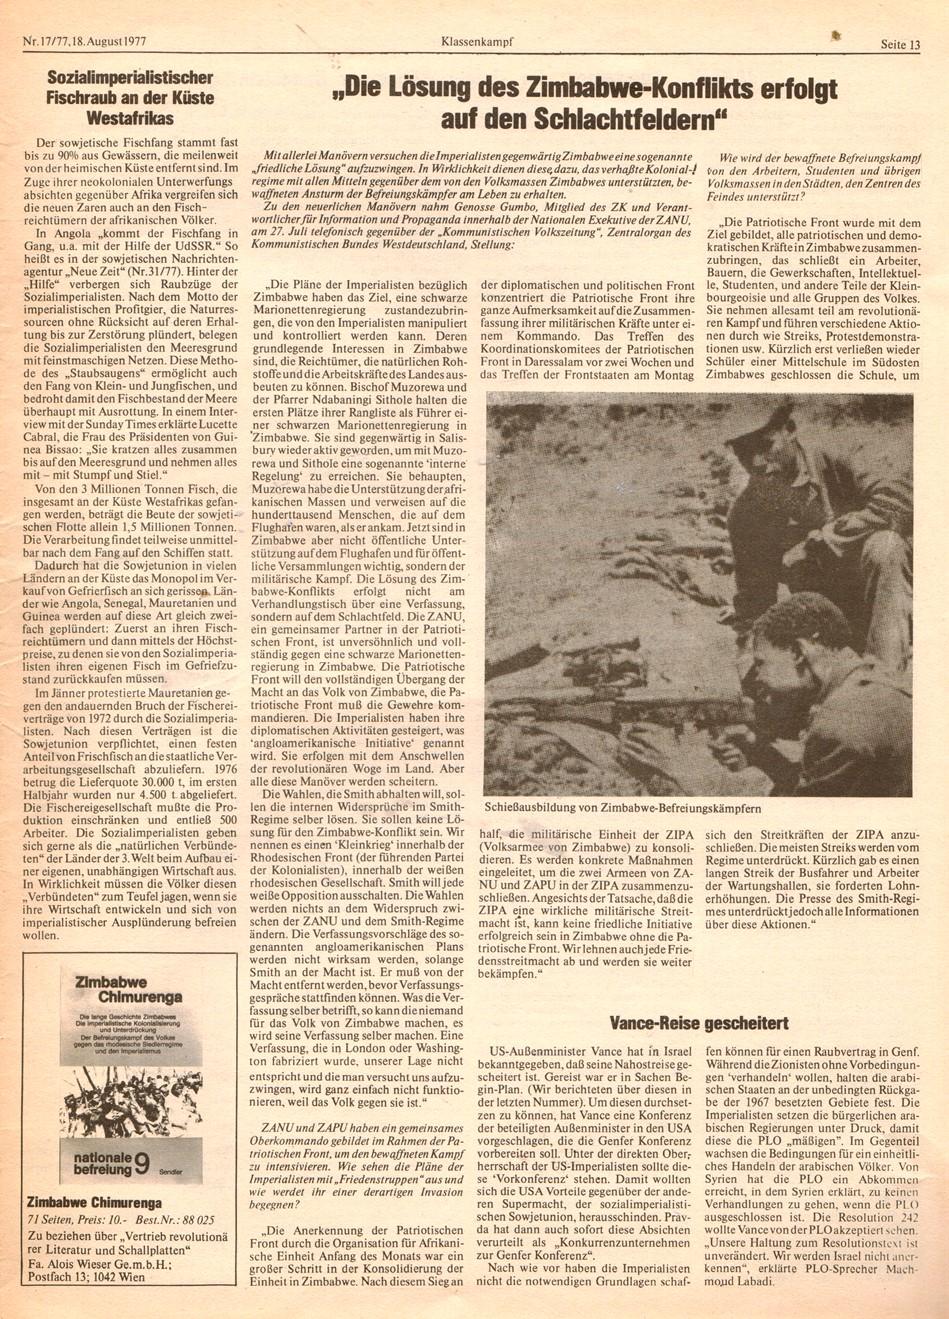 KBOe_Klassenkampf_1977_17_13